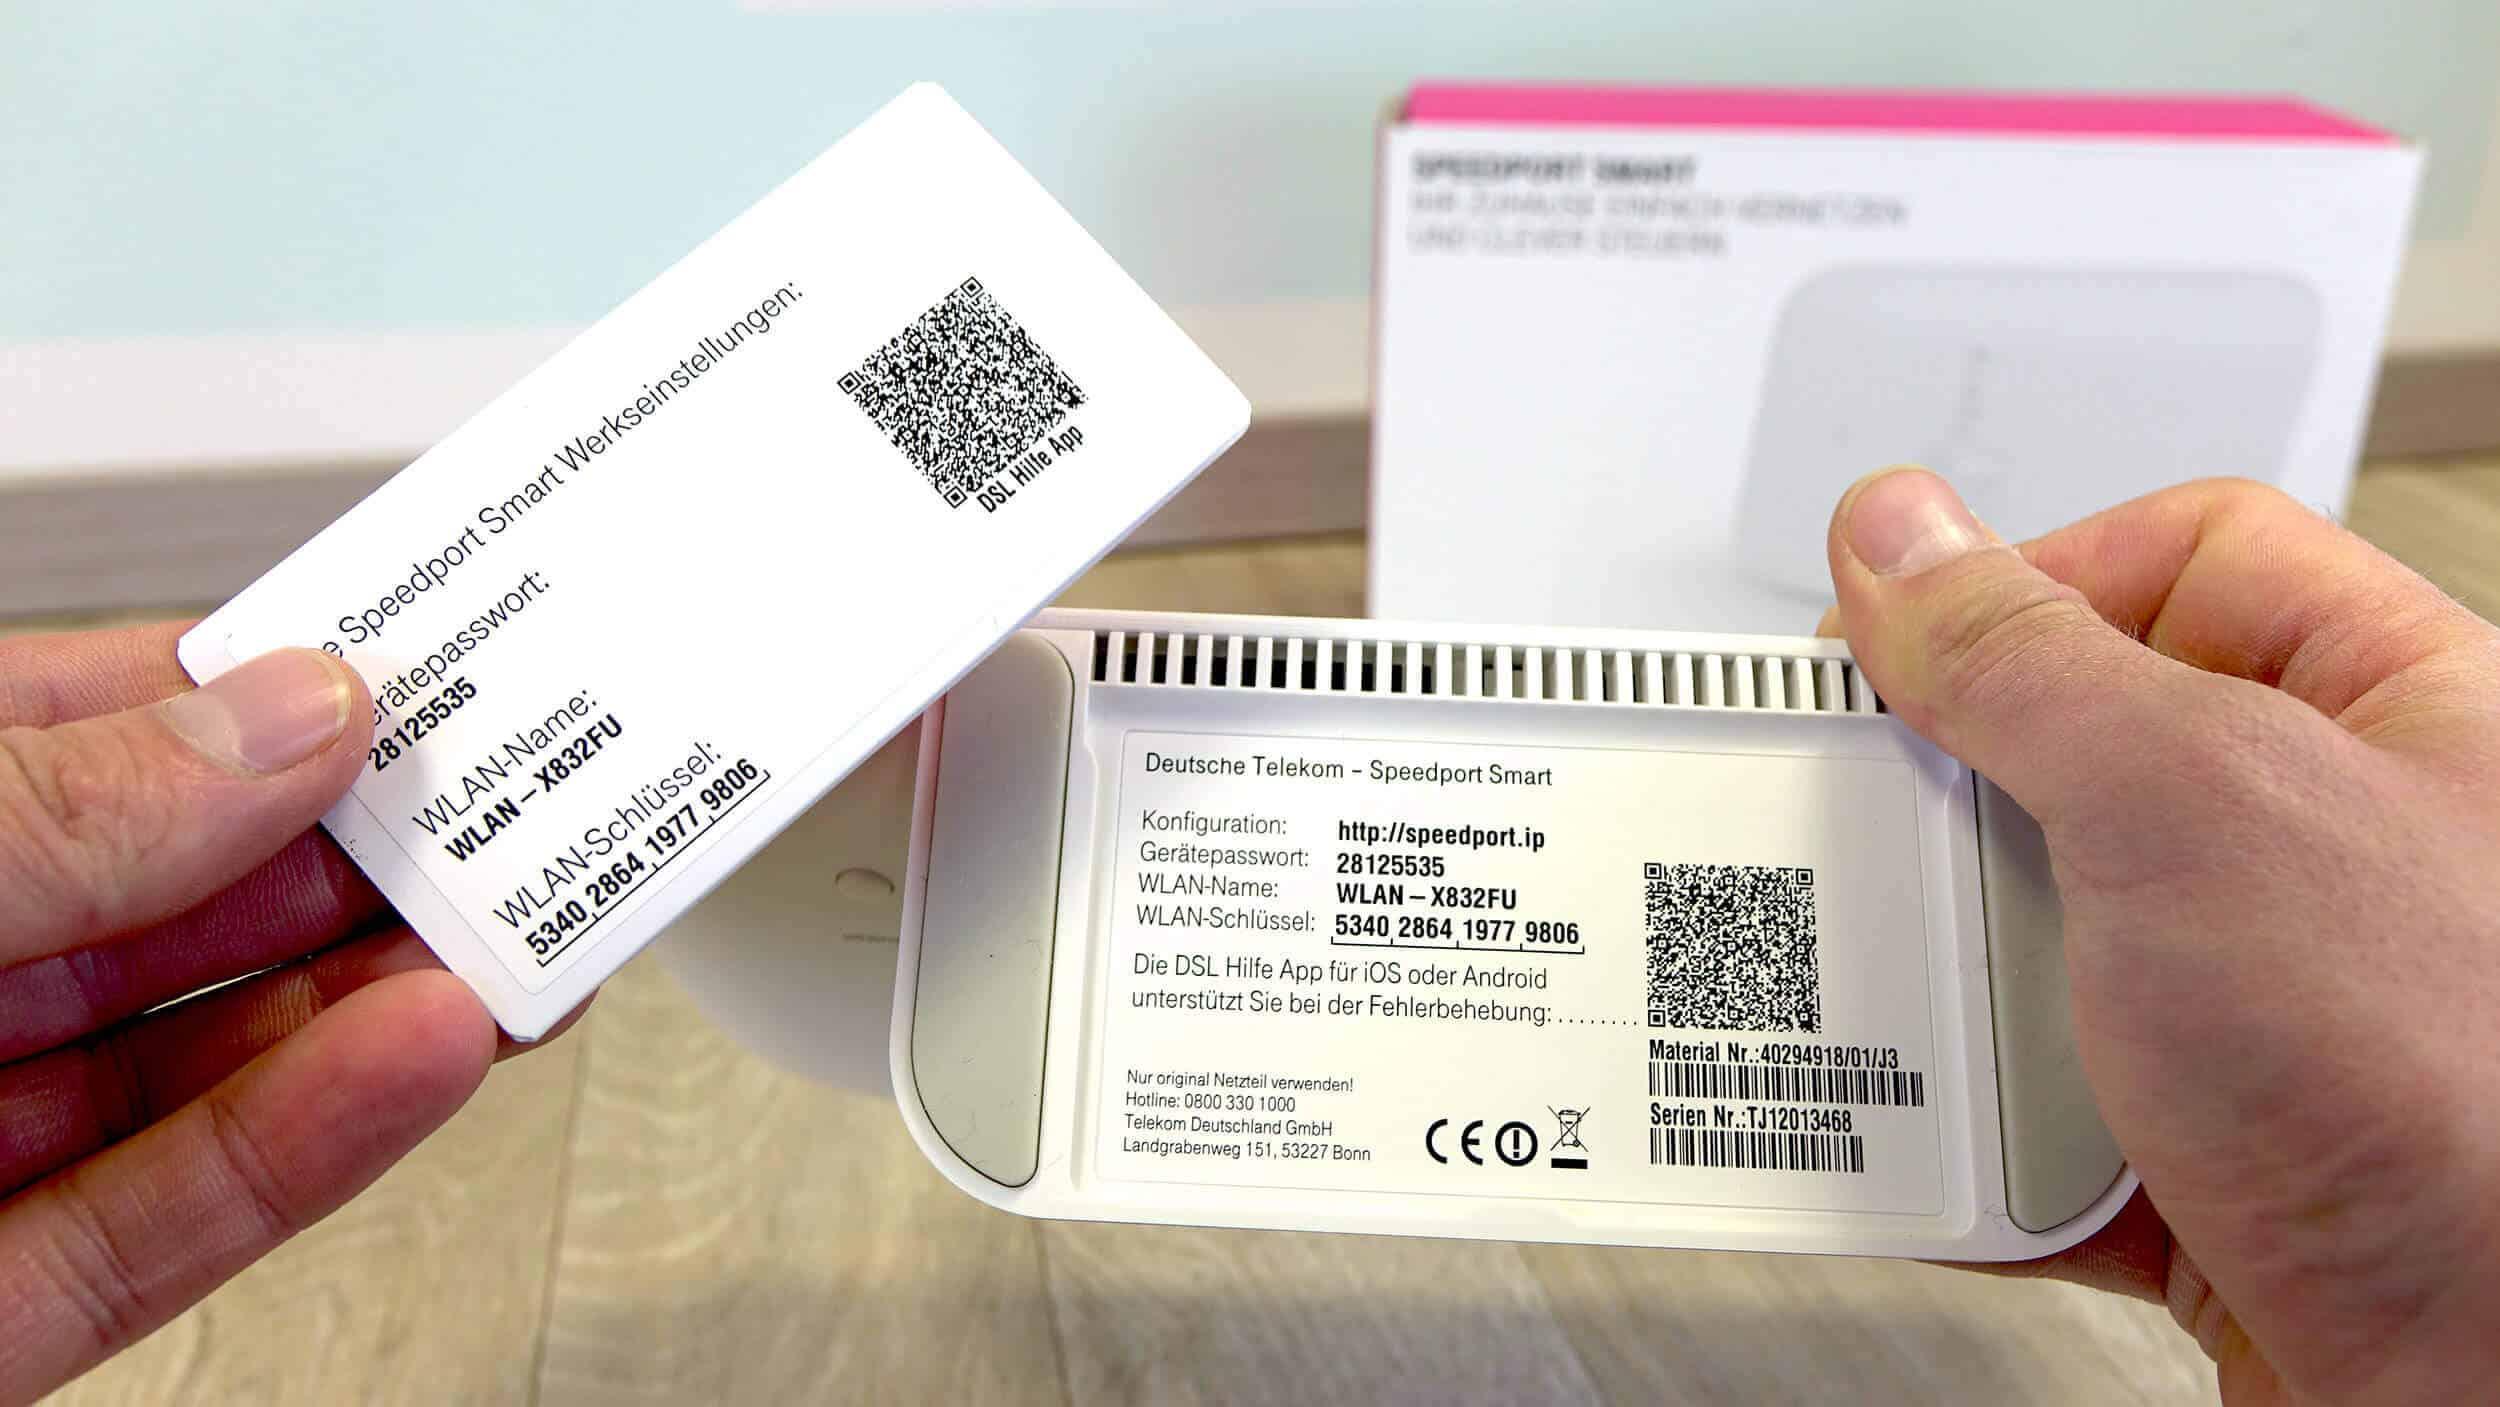 Speedport Smart Einrichten Telekom Router Anschließen So Gehts